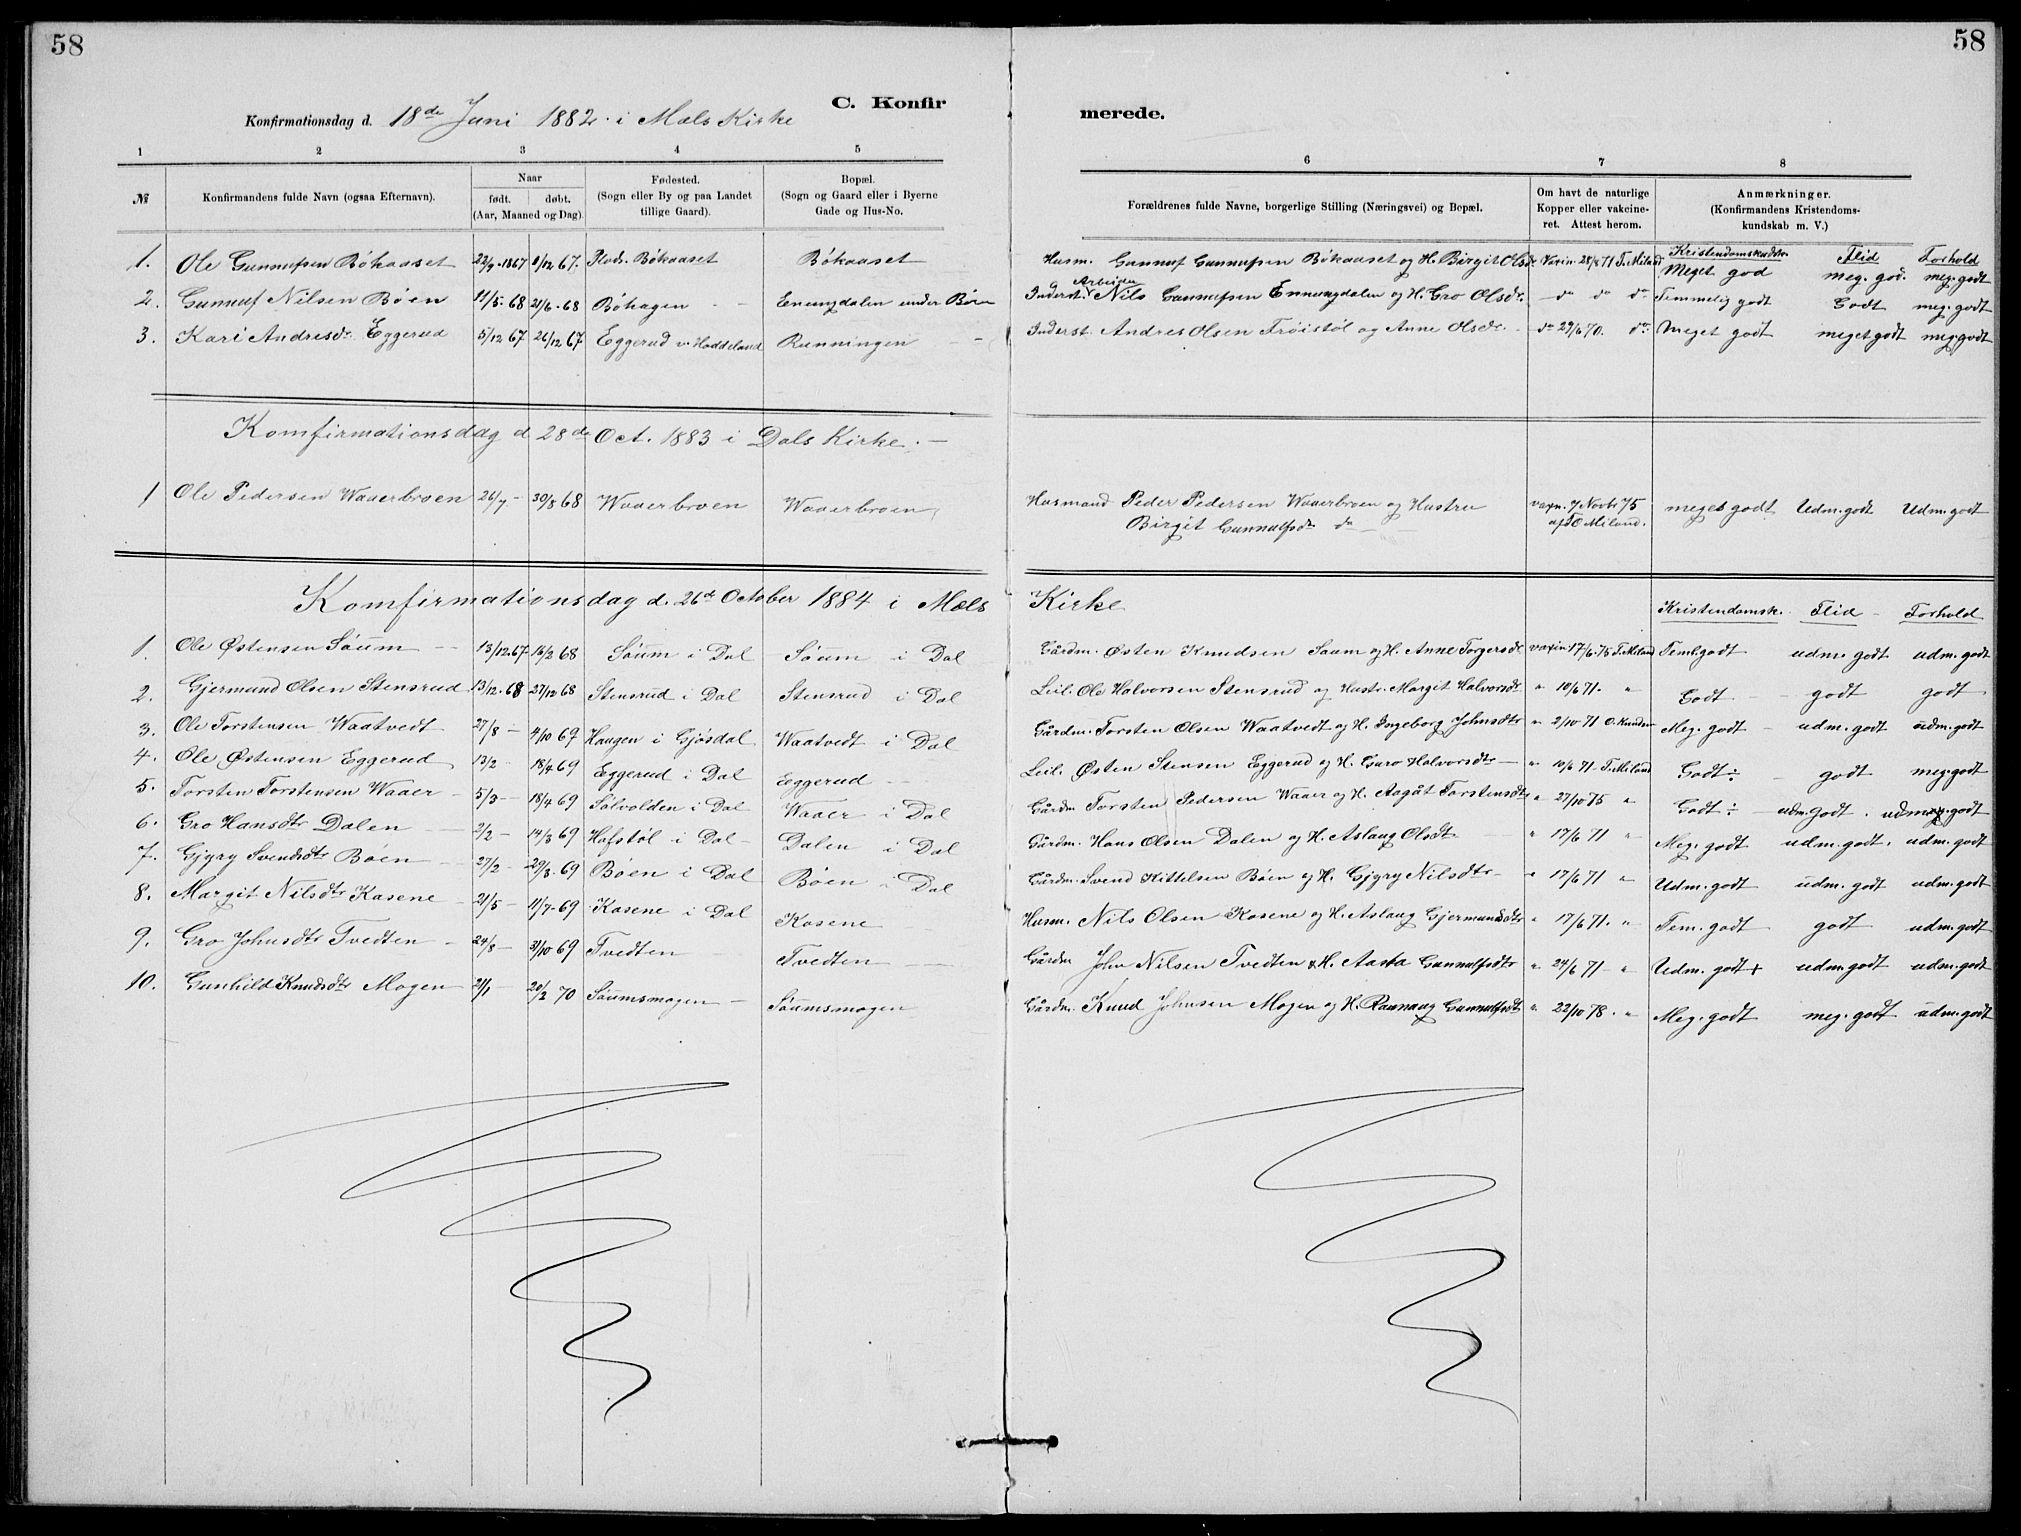 SAKO, Rjukan kirkebøker, G/Ga/L0001: Klokkerbok nr. 1, 1880-1914, s. 58